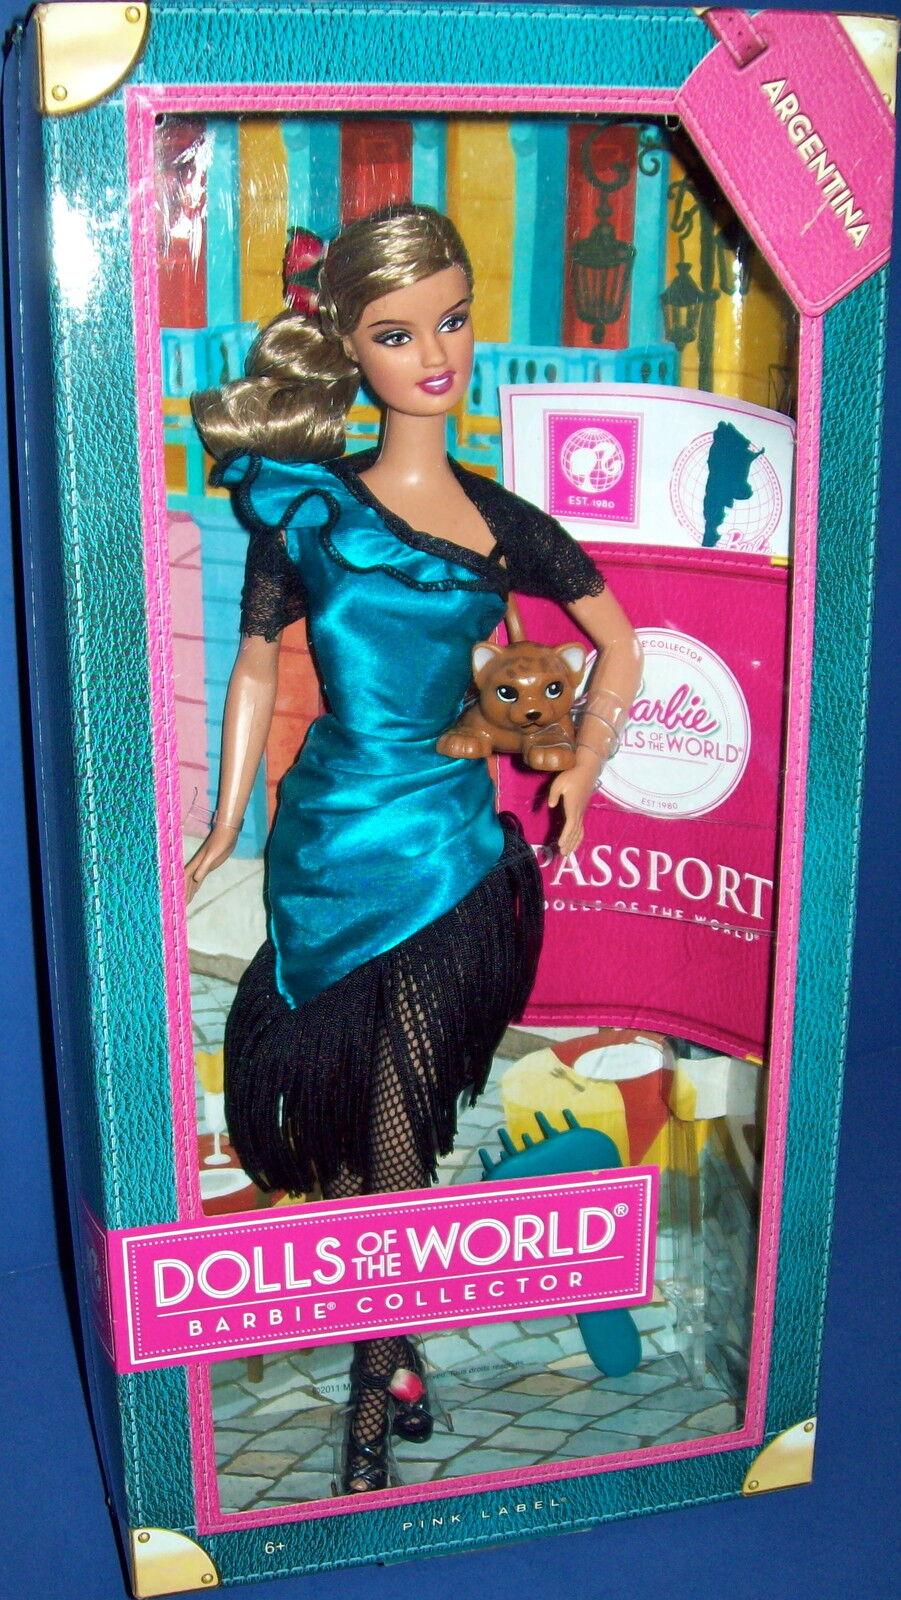 Barbie Sammler Puppe 2011 Dolls Of The World Argentinien Rosa Etikett NRFB Neuer